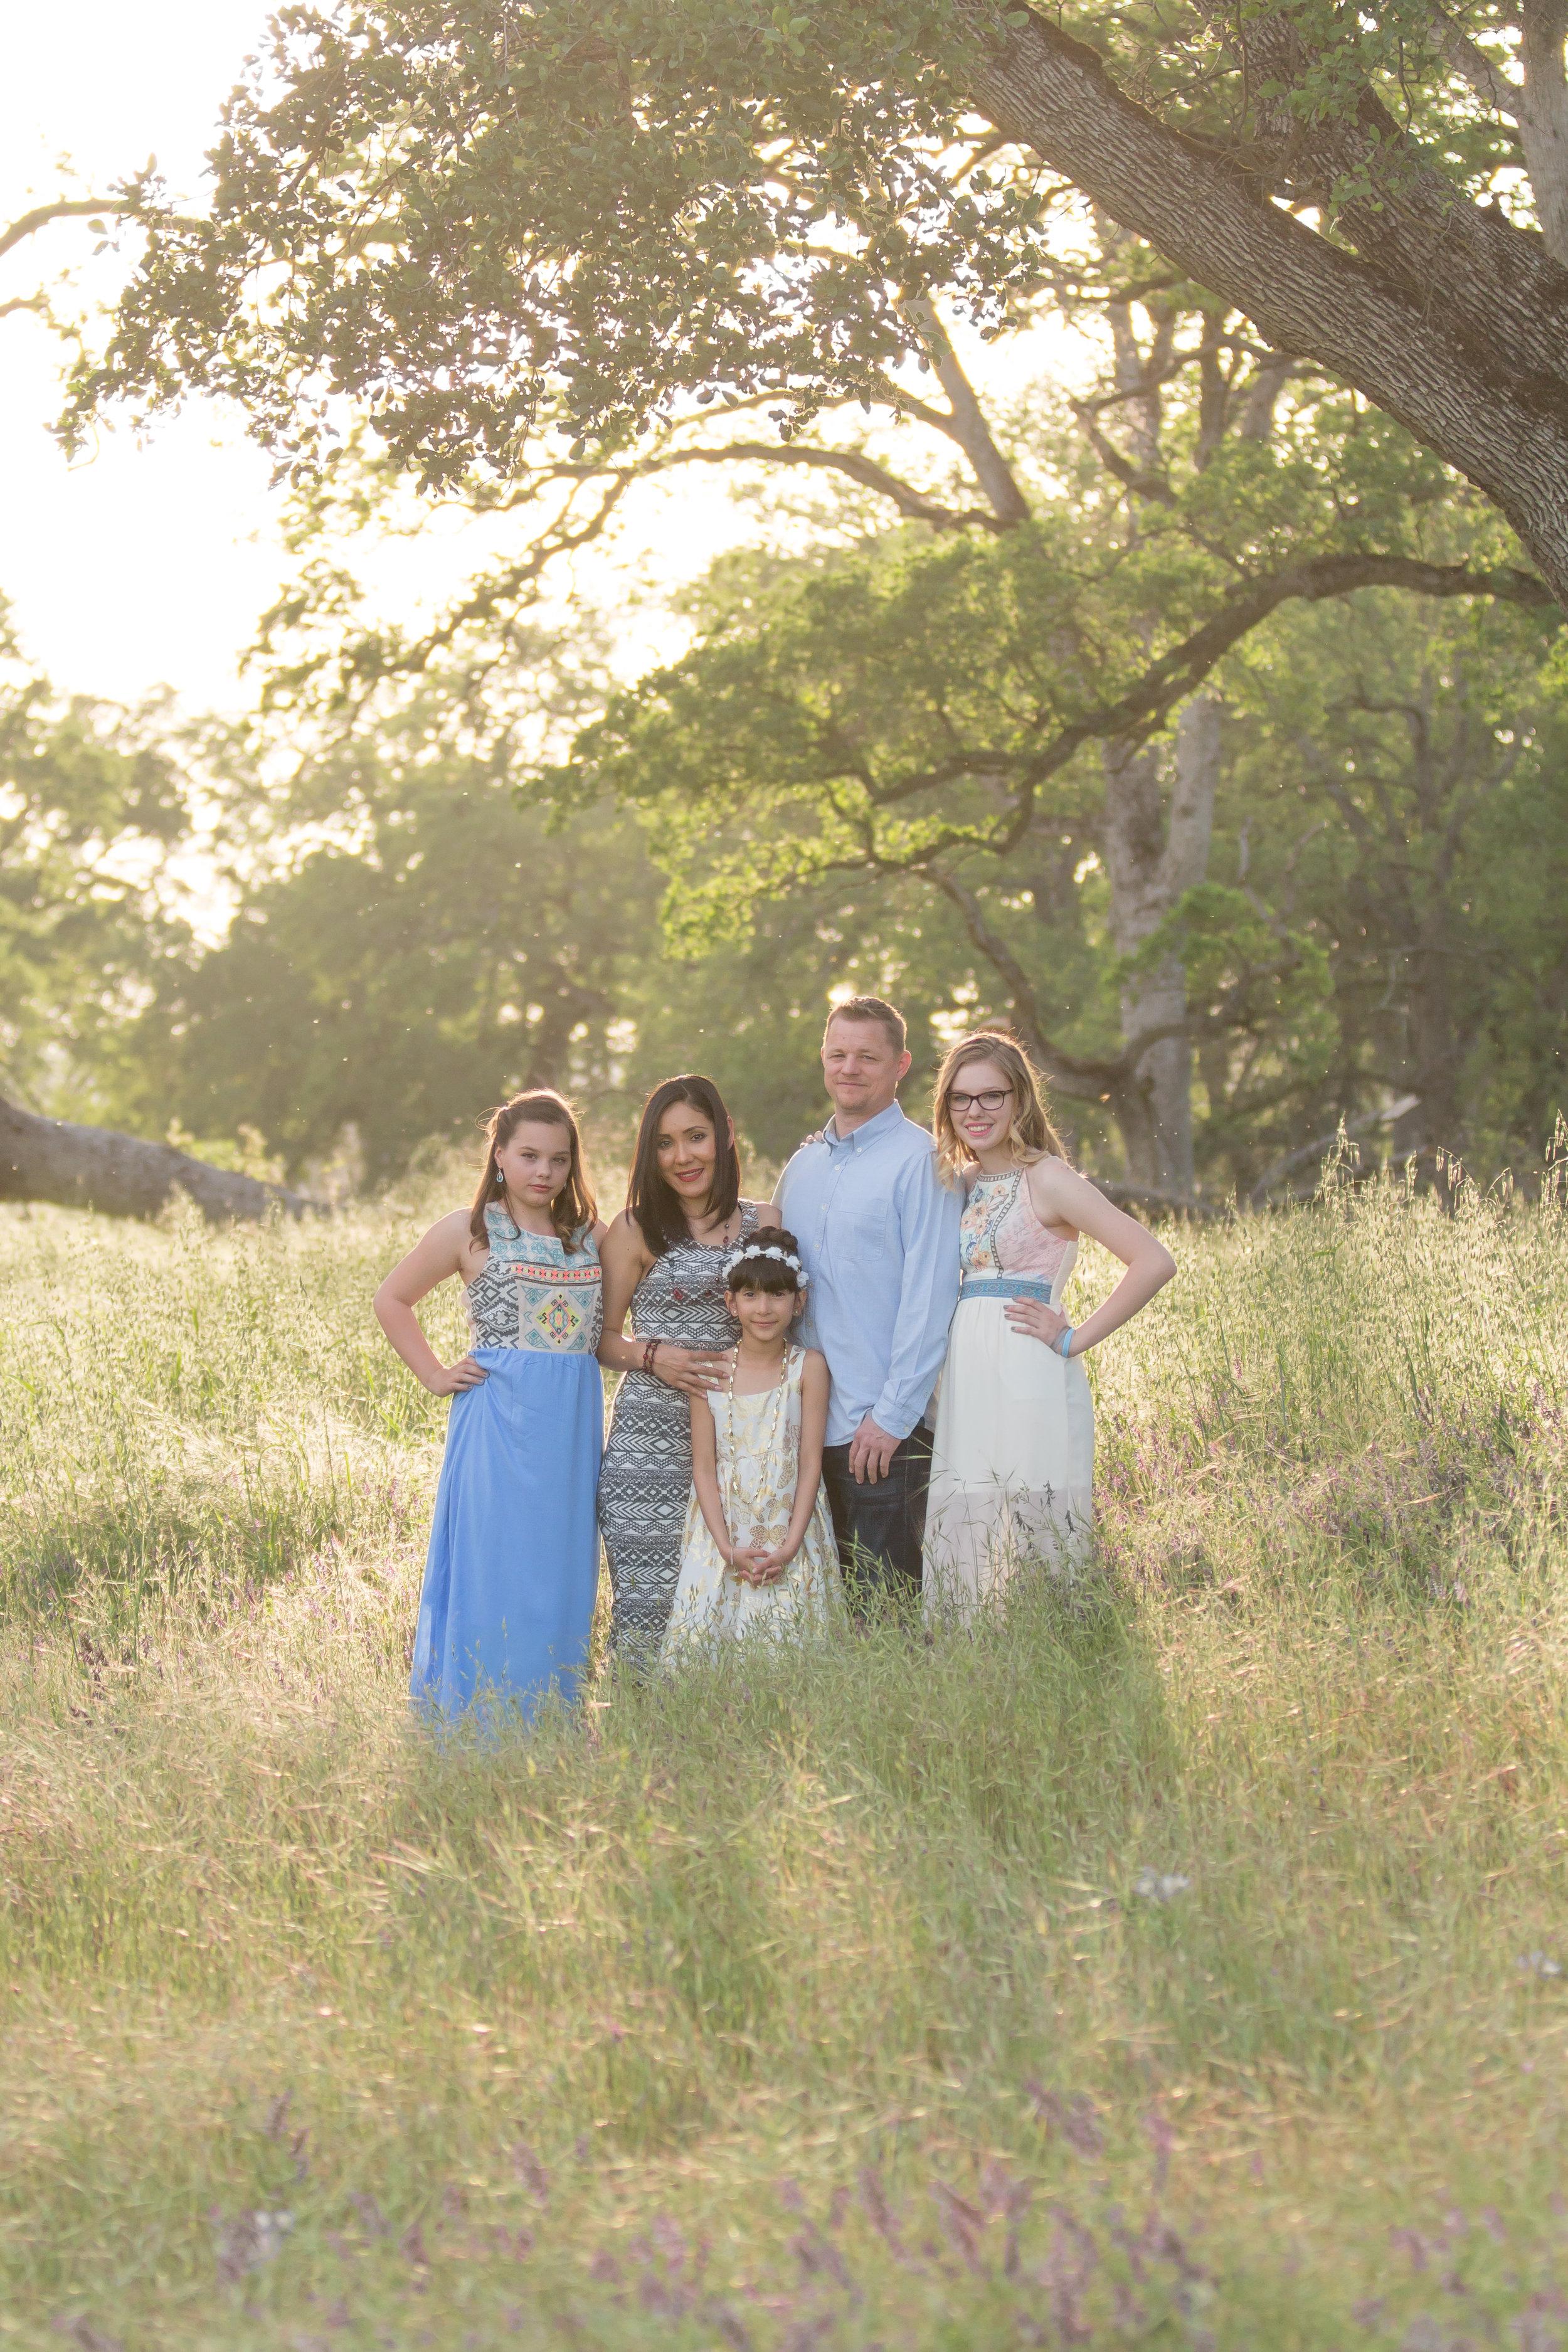 Ashley Teasley Photography - Sacramento Family Photographer.jpg